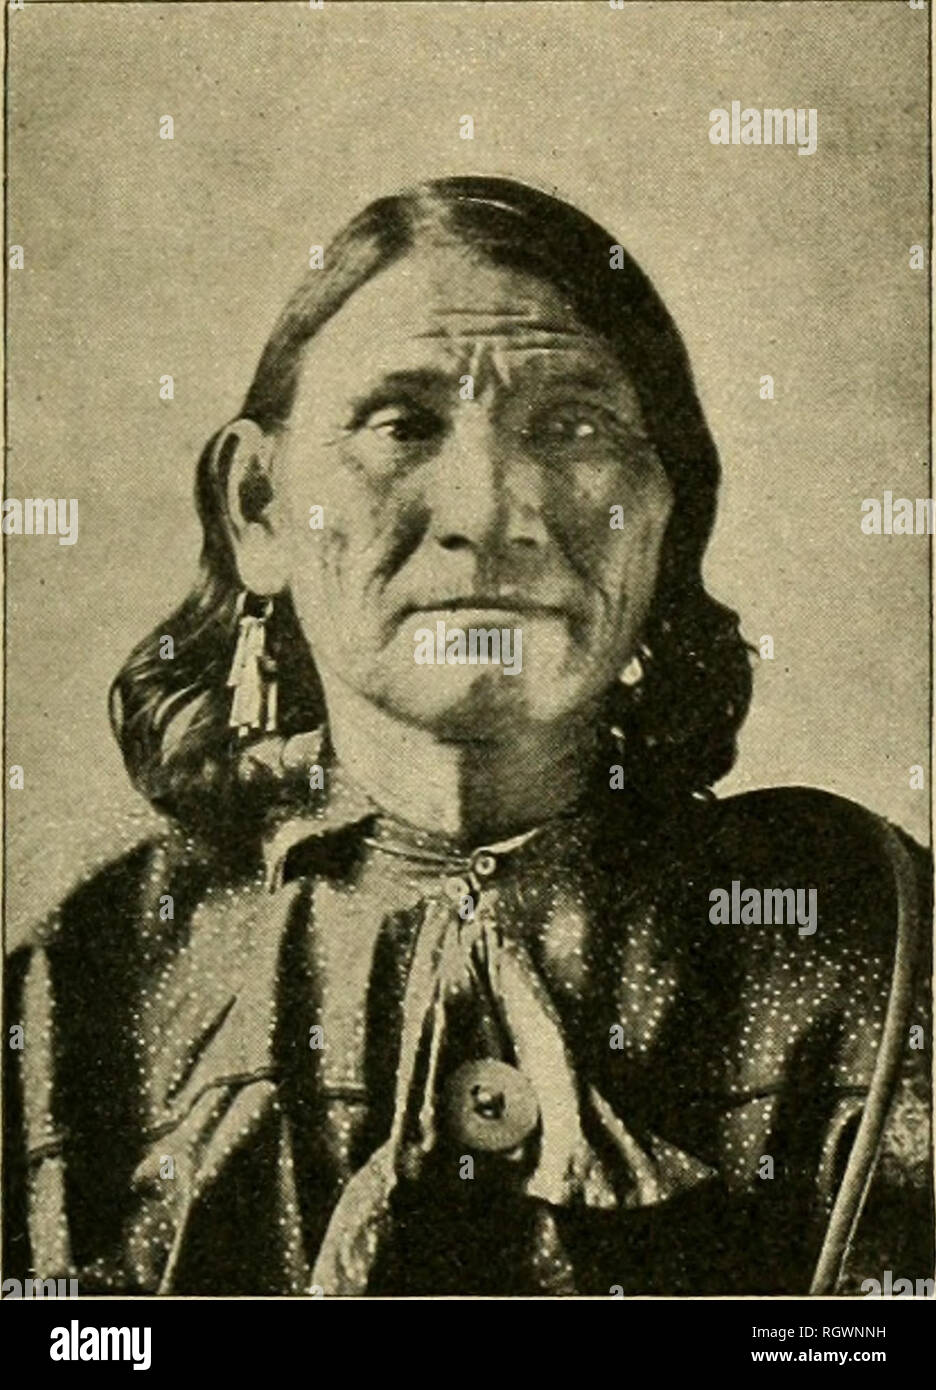 """. Bollettino. Etnologia. BULL. 30] DELAWAEE 385 uomini, sono scesi molti ben noti alle famiglie del Wisconsin e del Minnesota. (C. T.) Delaware. Una confederazione, precedentemente noto come il più importante degli stock Algonquian, occupando tutto il bacino di Delaware r. in K. in Pennsylvania e s. e. New York, insieme con la maggior parte dei New Jersey e Delaware. Tliey chiamavano Lenapeor Leni-lenape, equivalente a 'real uomini,' o 'native, genuine uomini""""; l'ita- hsh li conobbe come Delawares, dal nome del loro principale fiume; l'Frencli li ha chiamati Loups, """"lupi,' un termine probabilmente applicato originariamente per il ma- hic Foto Stock"""